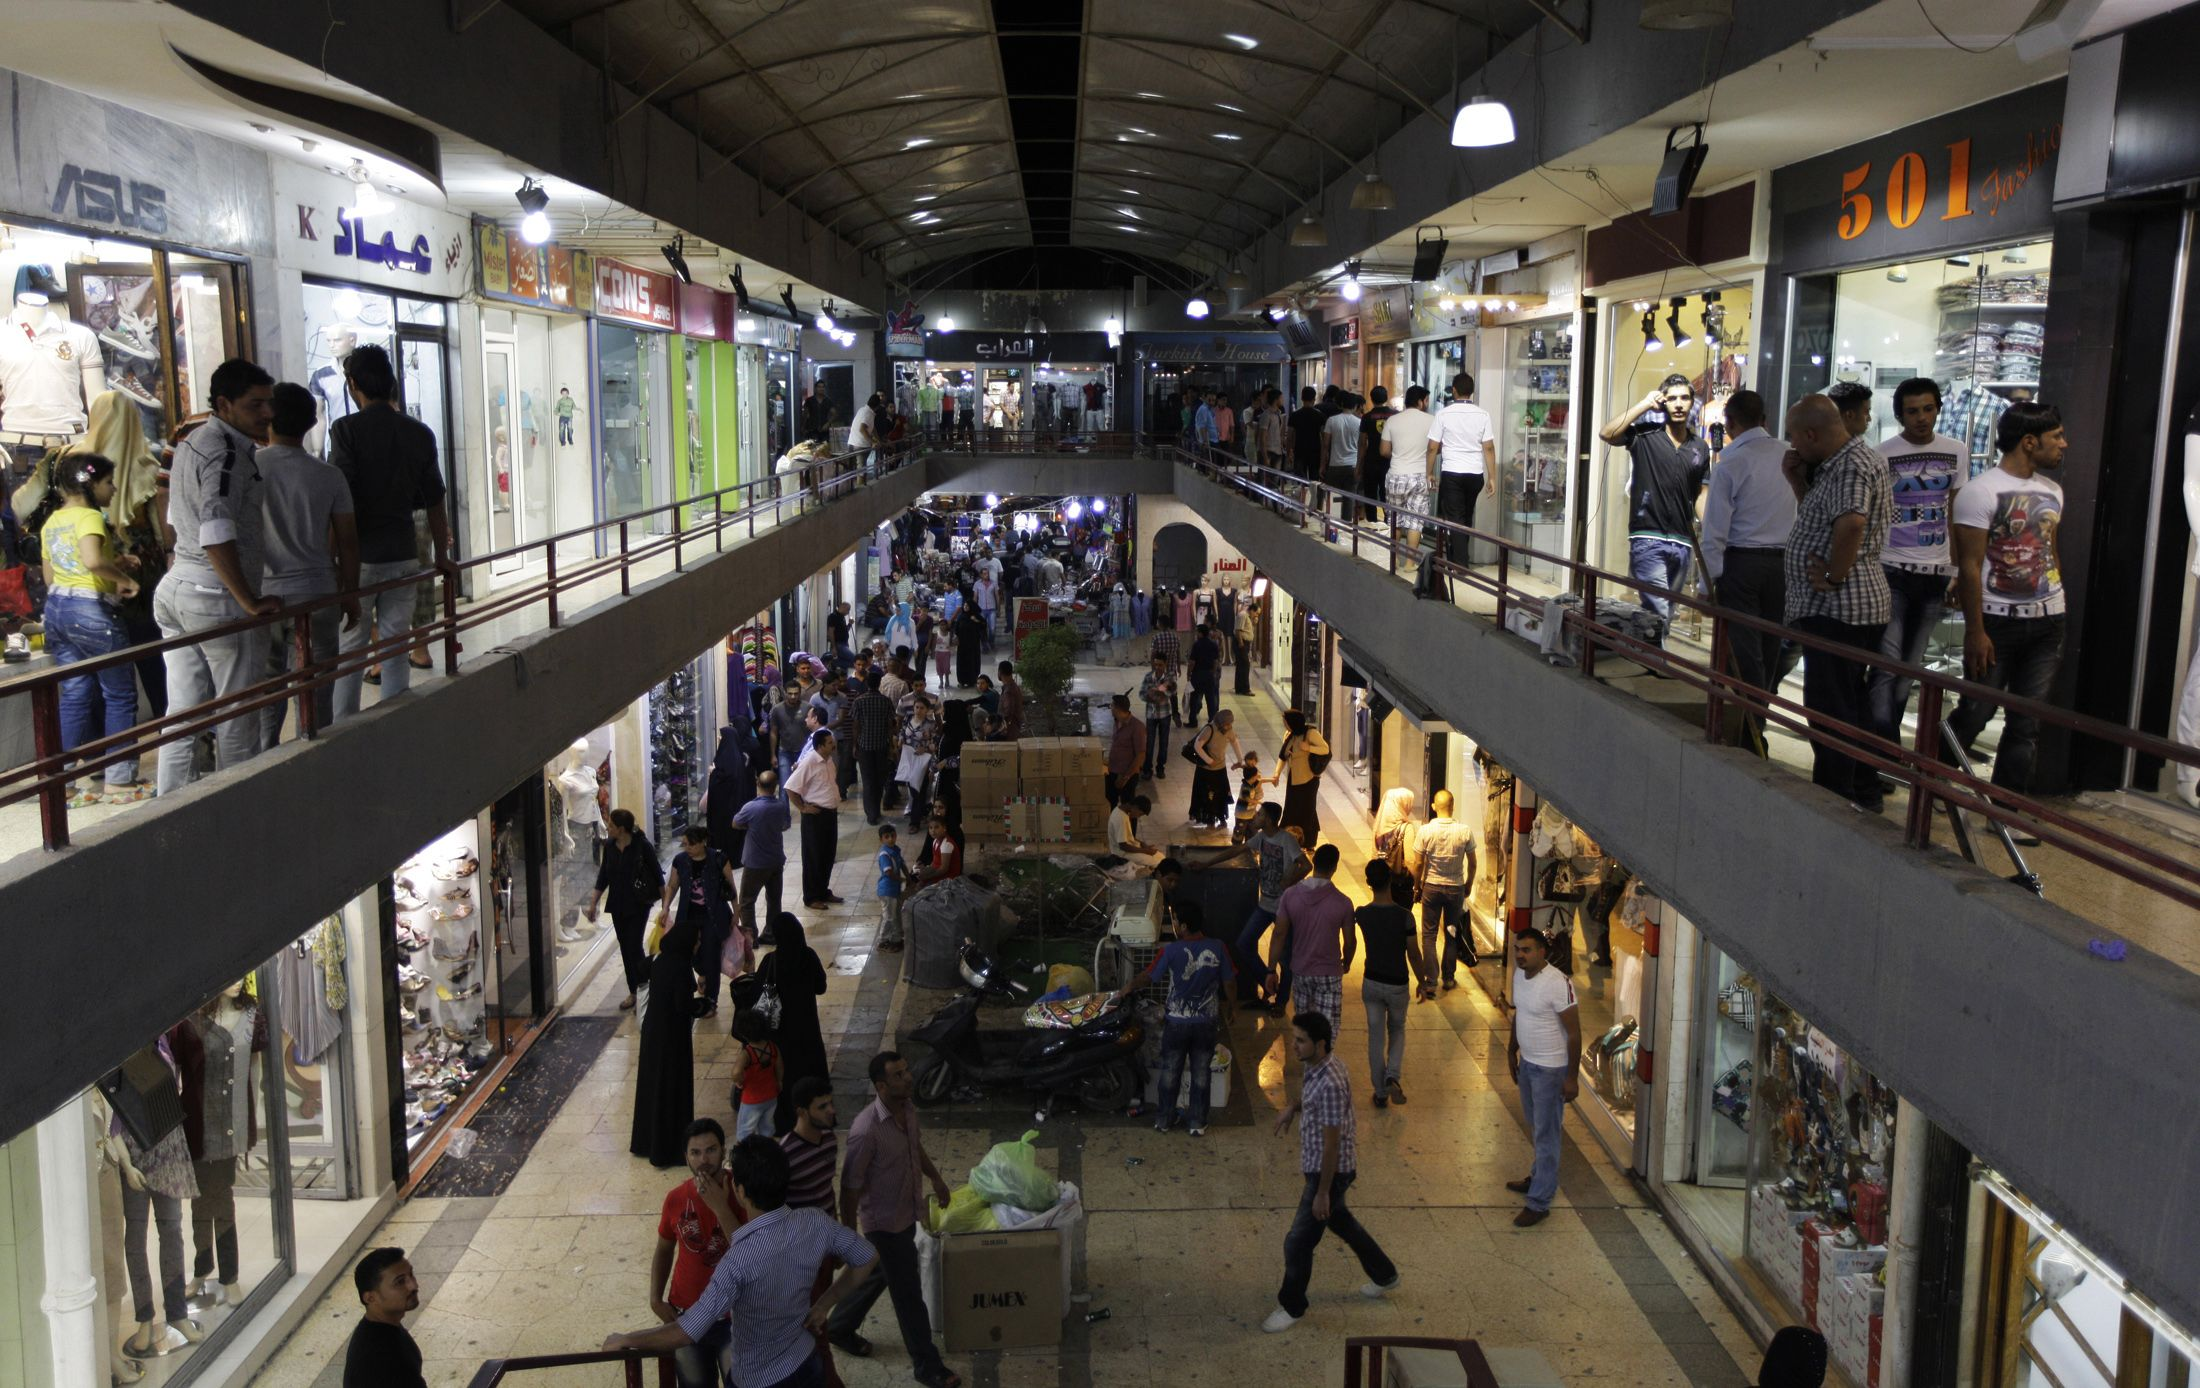 0111_Iraq_Mall_Siege_01